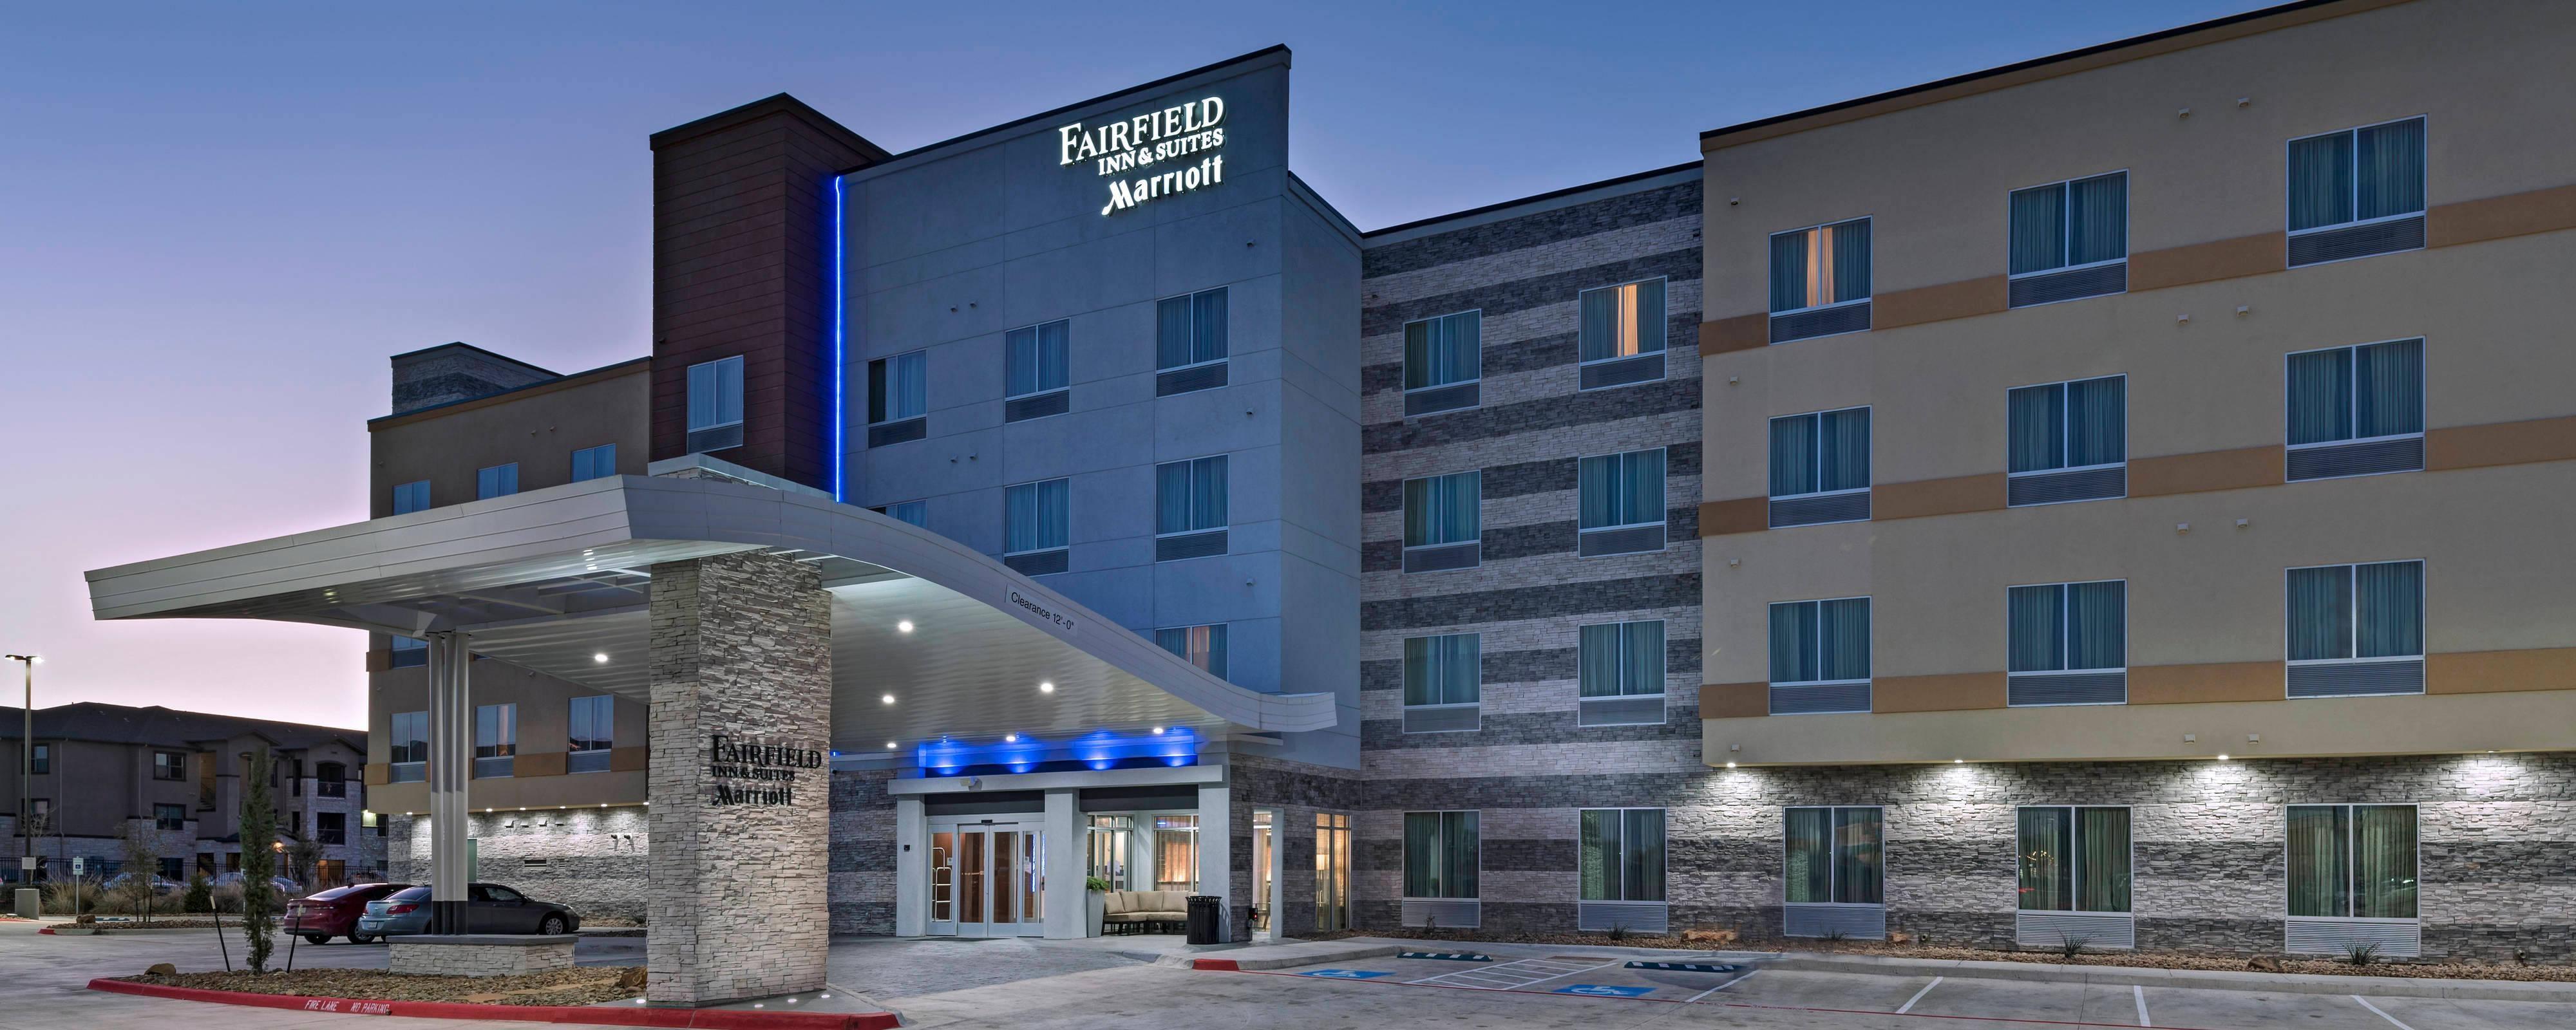 Hotels In Buda Tx Near South Austin Texas Fairfield